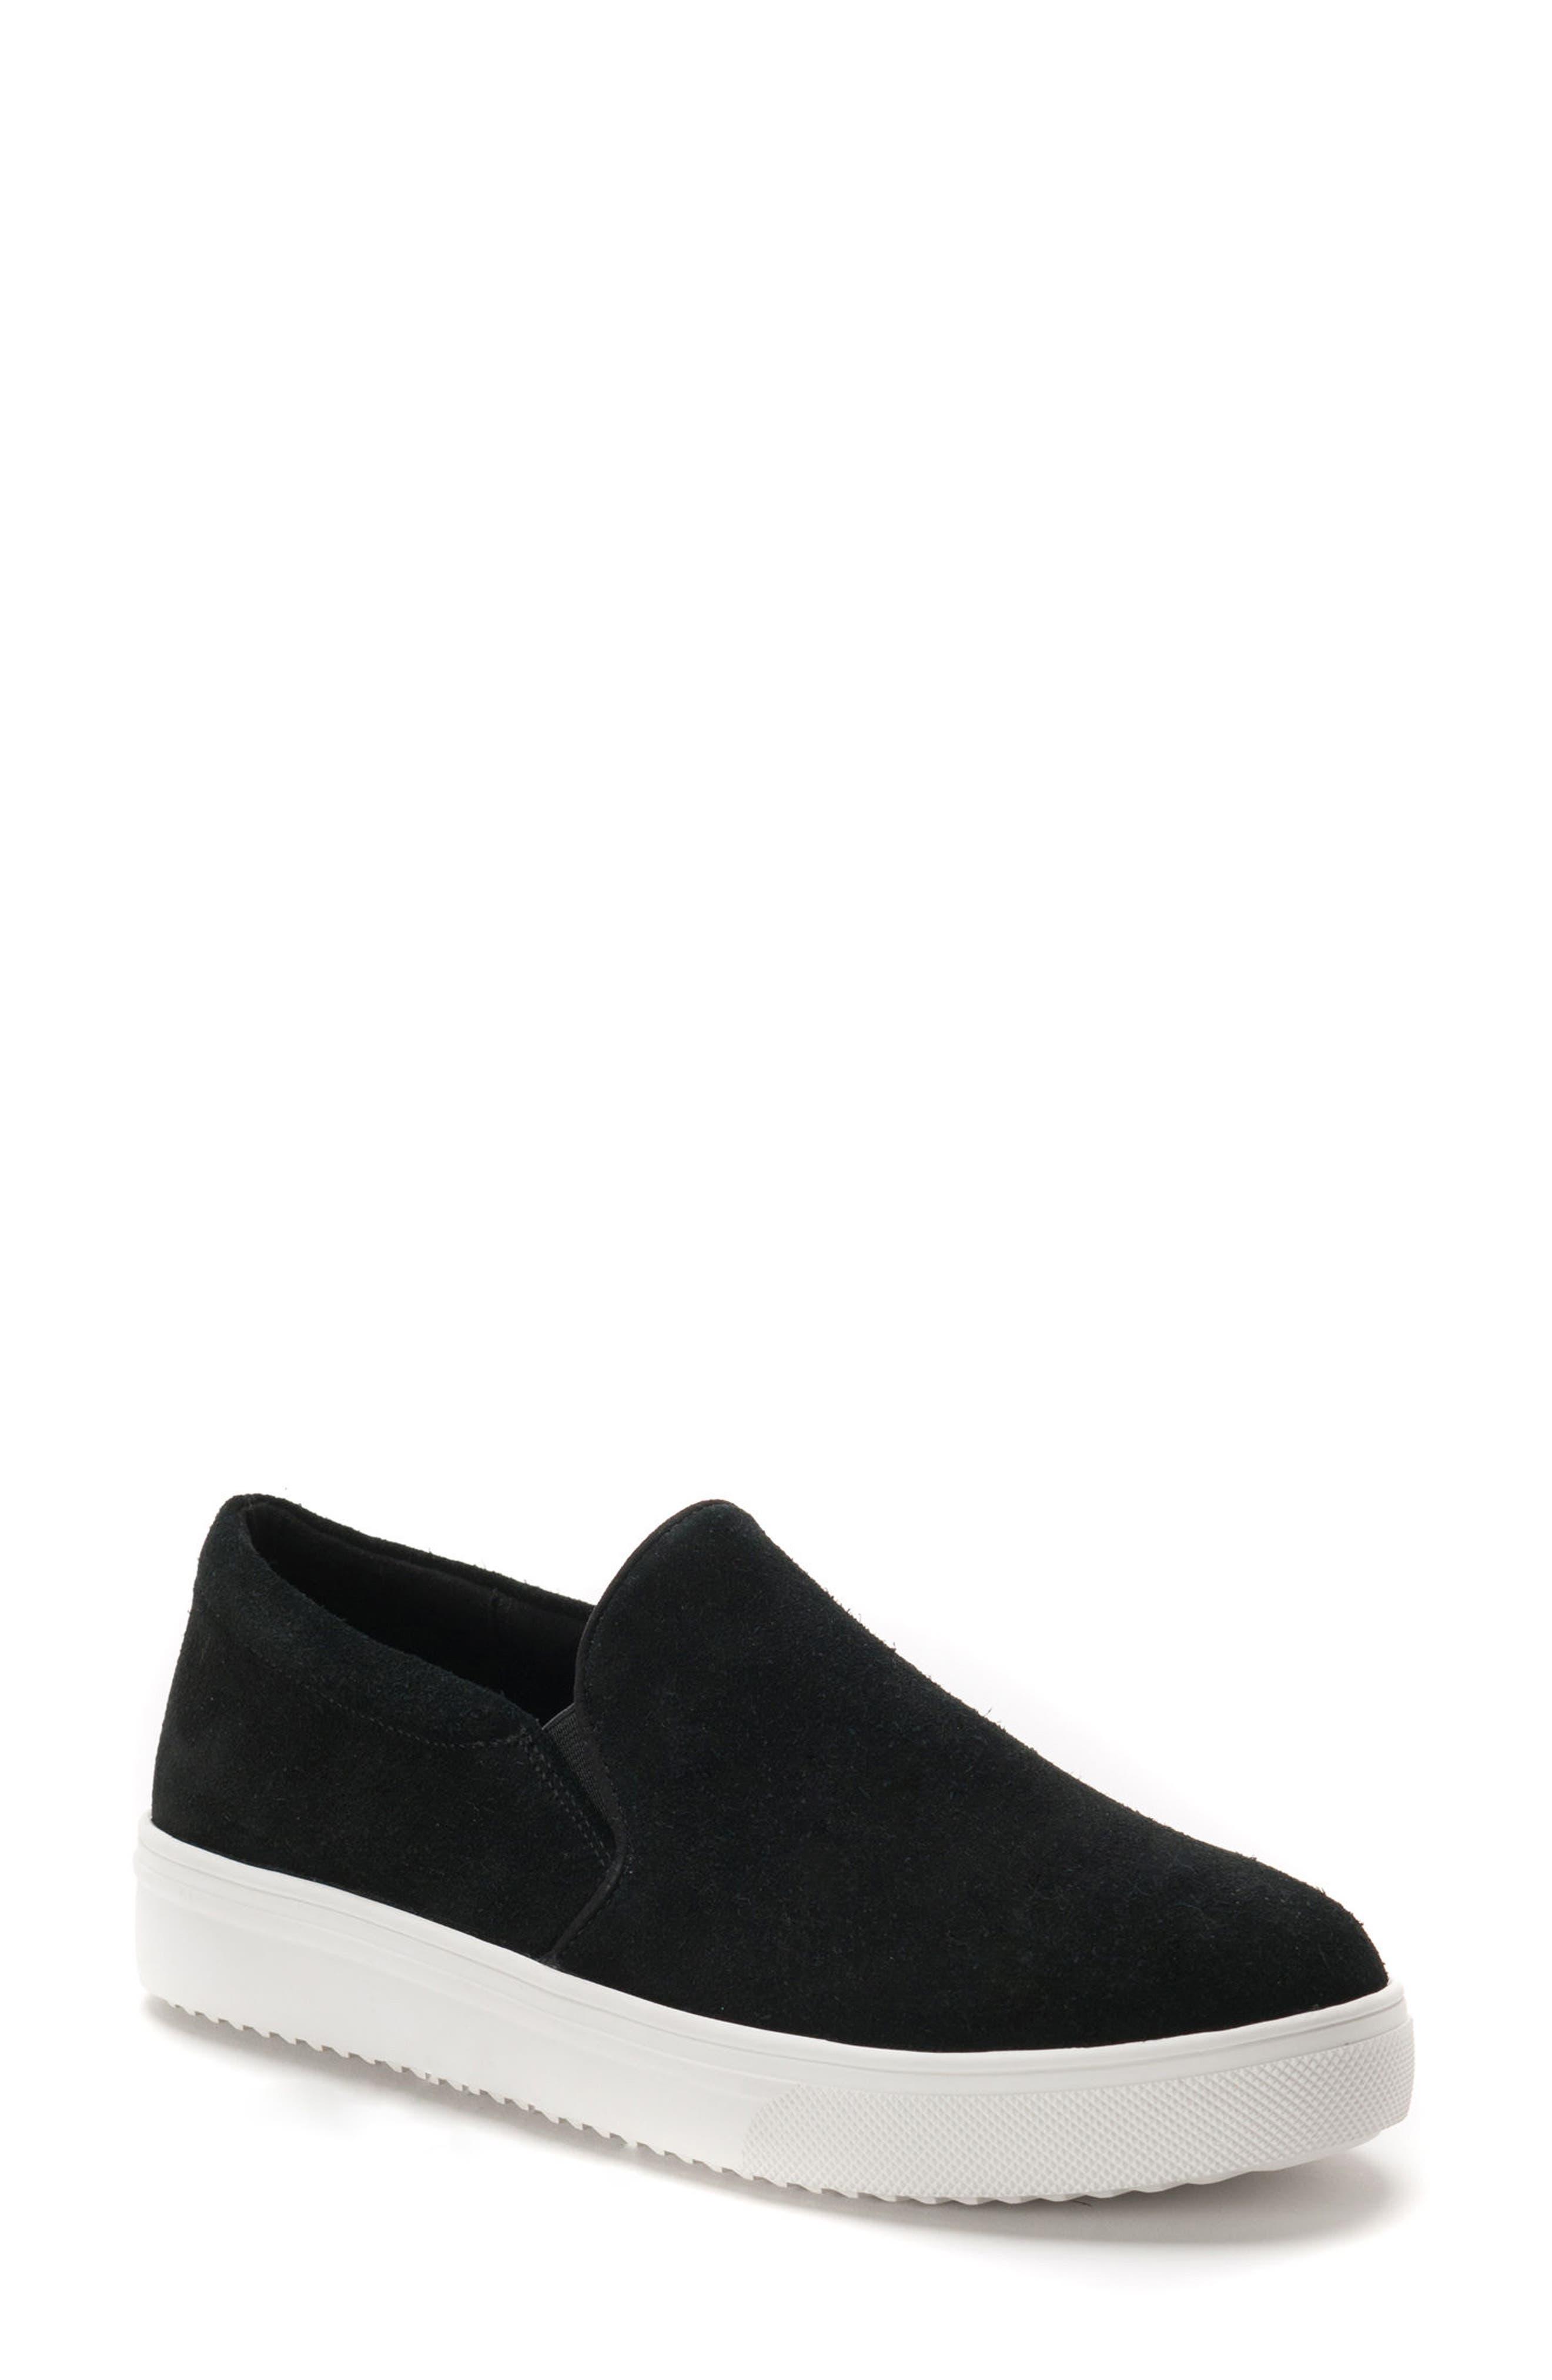 Gracie Waterproof Slip-On Sneaker,                             Main thumbnail 1, color,                             BLACK SUEDE